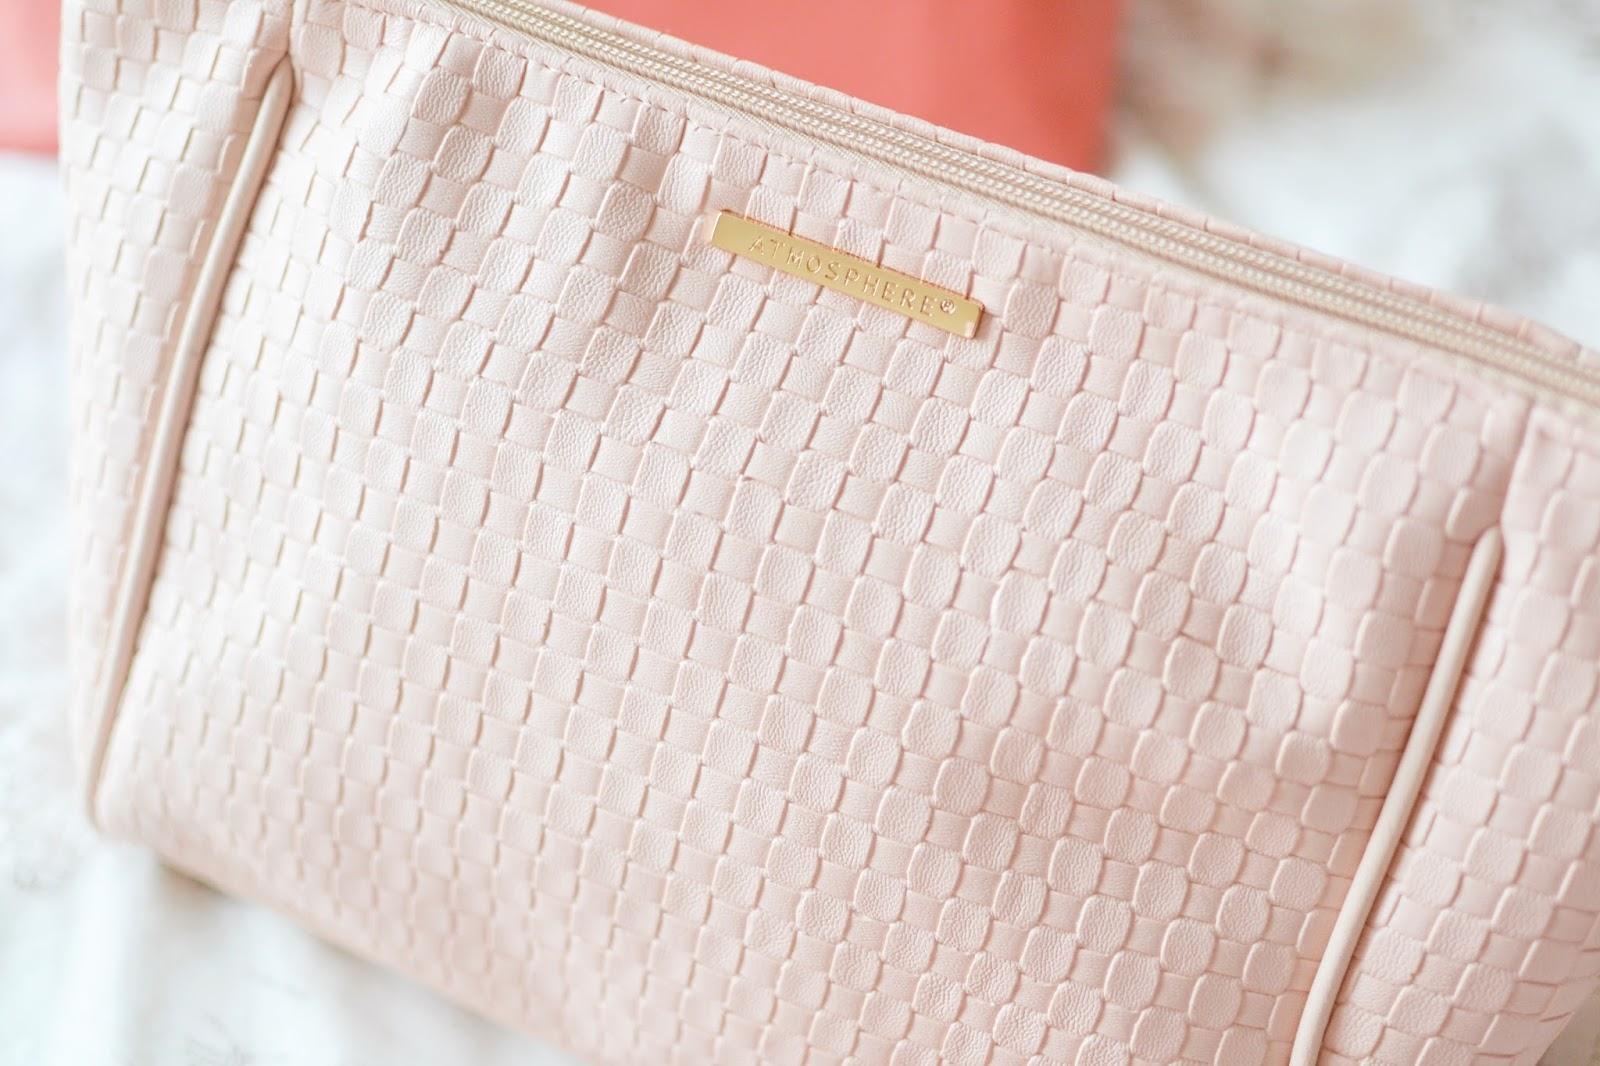 primark make up bag, primark wash bag, pink wash bag,